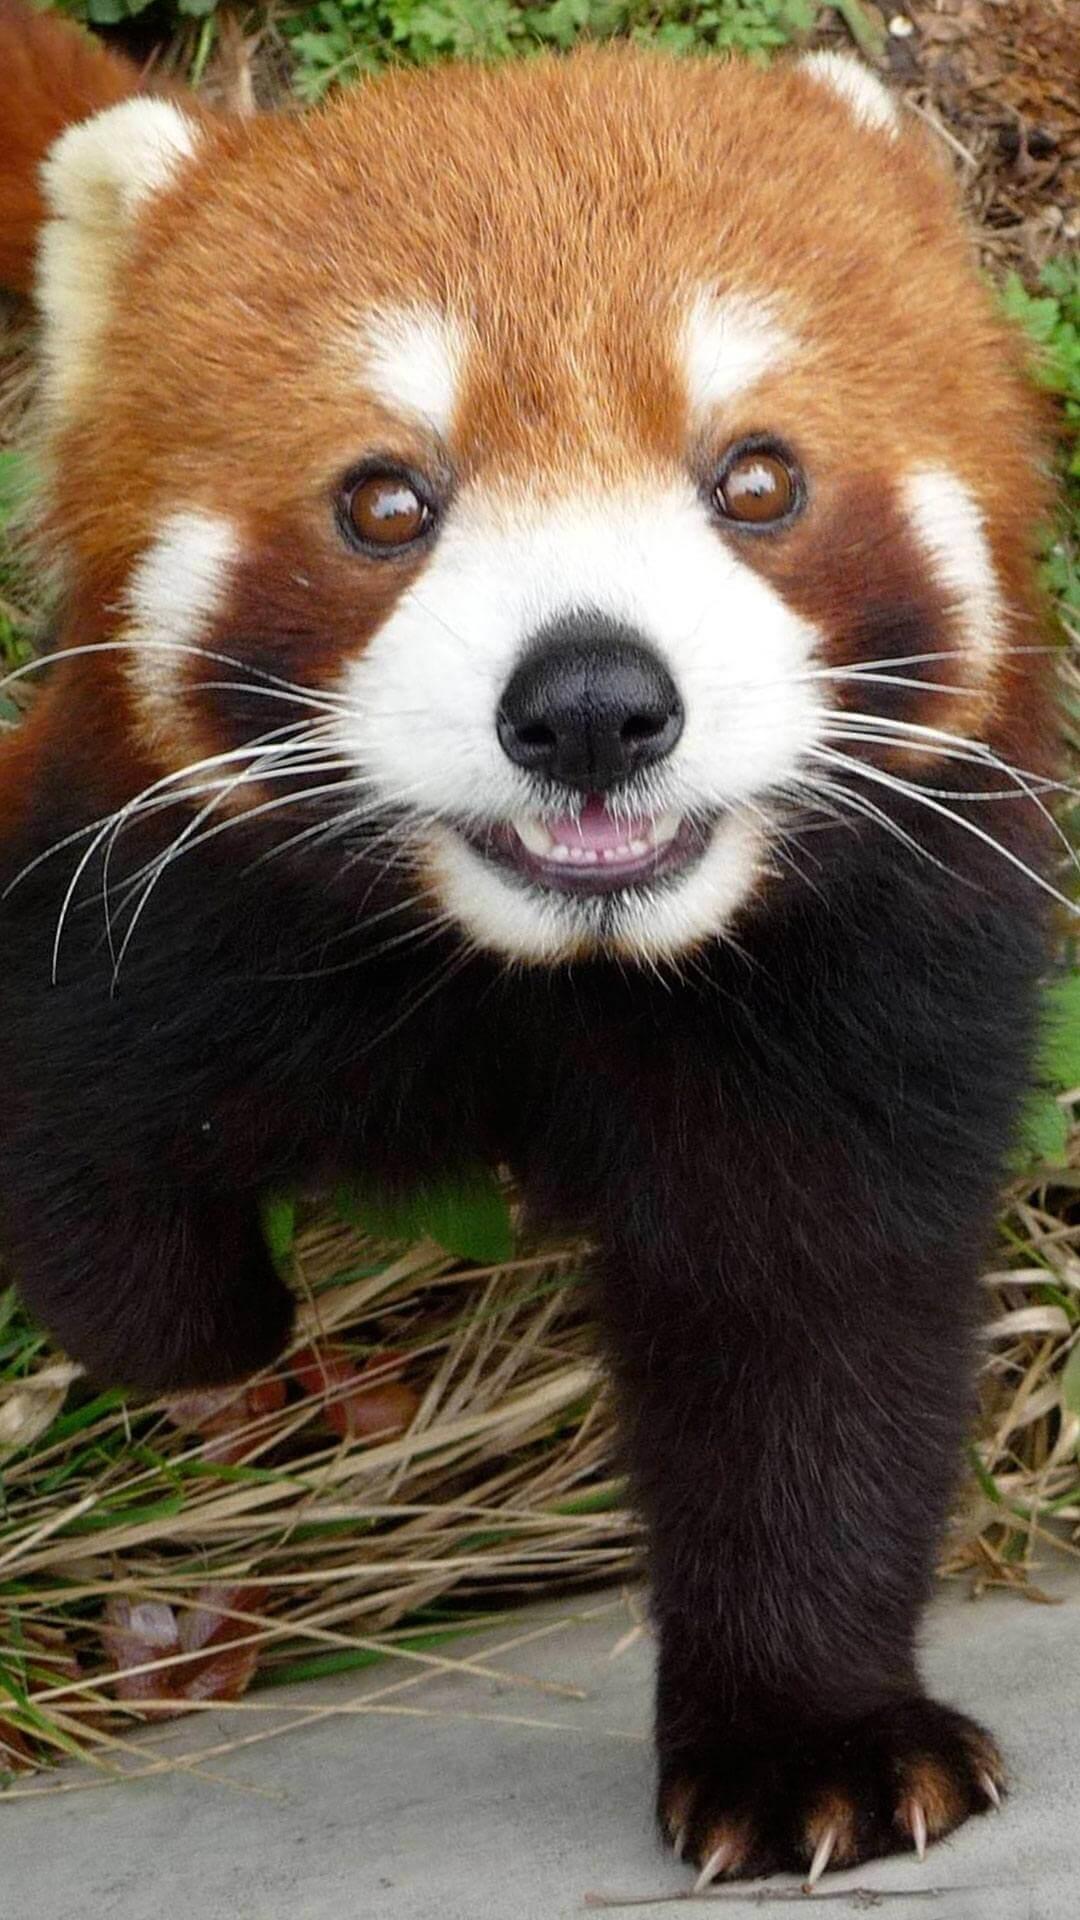 panda iphone wallpaper 82 images